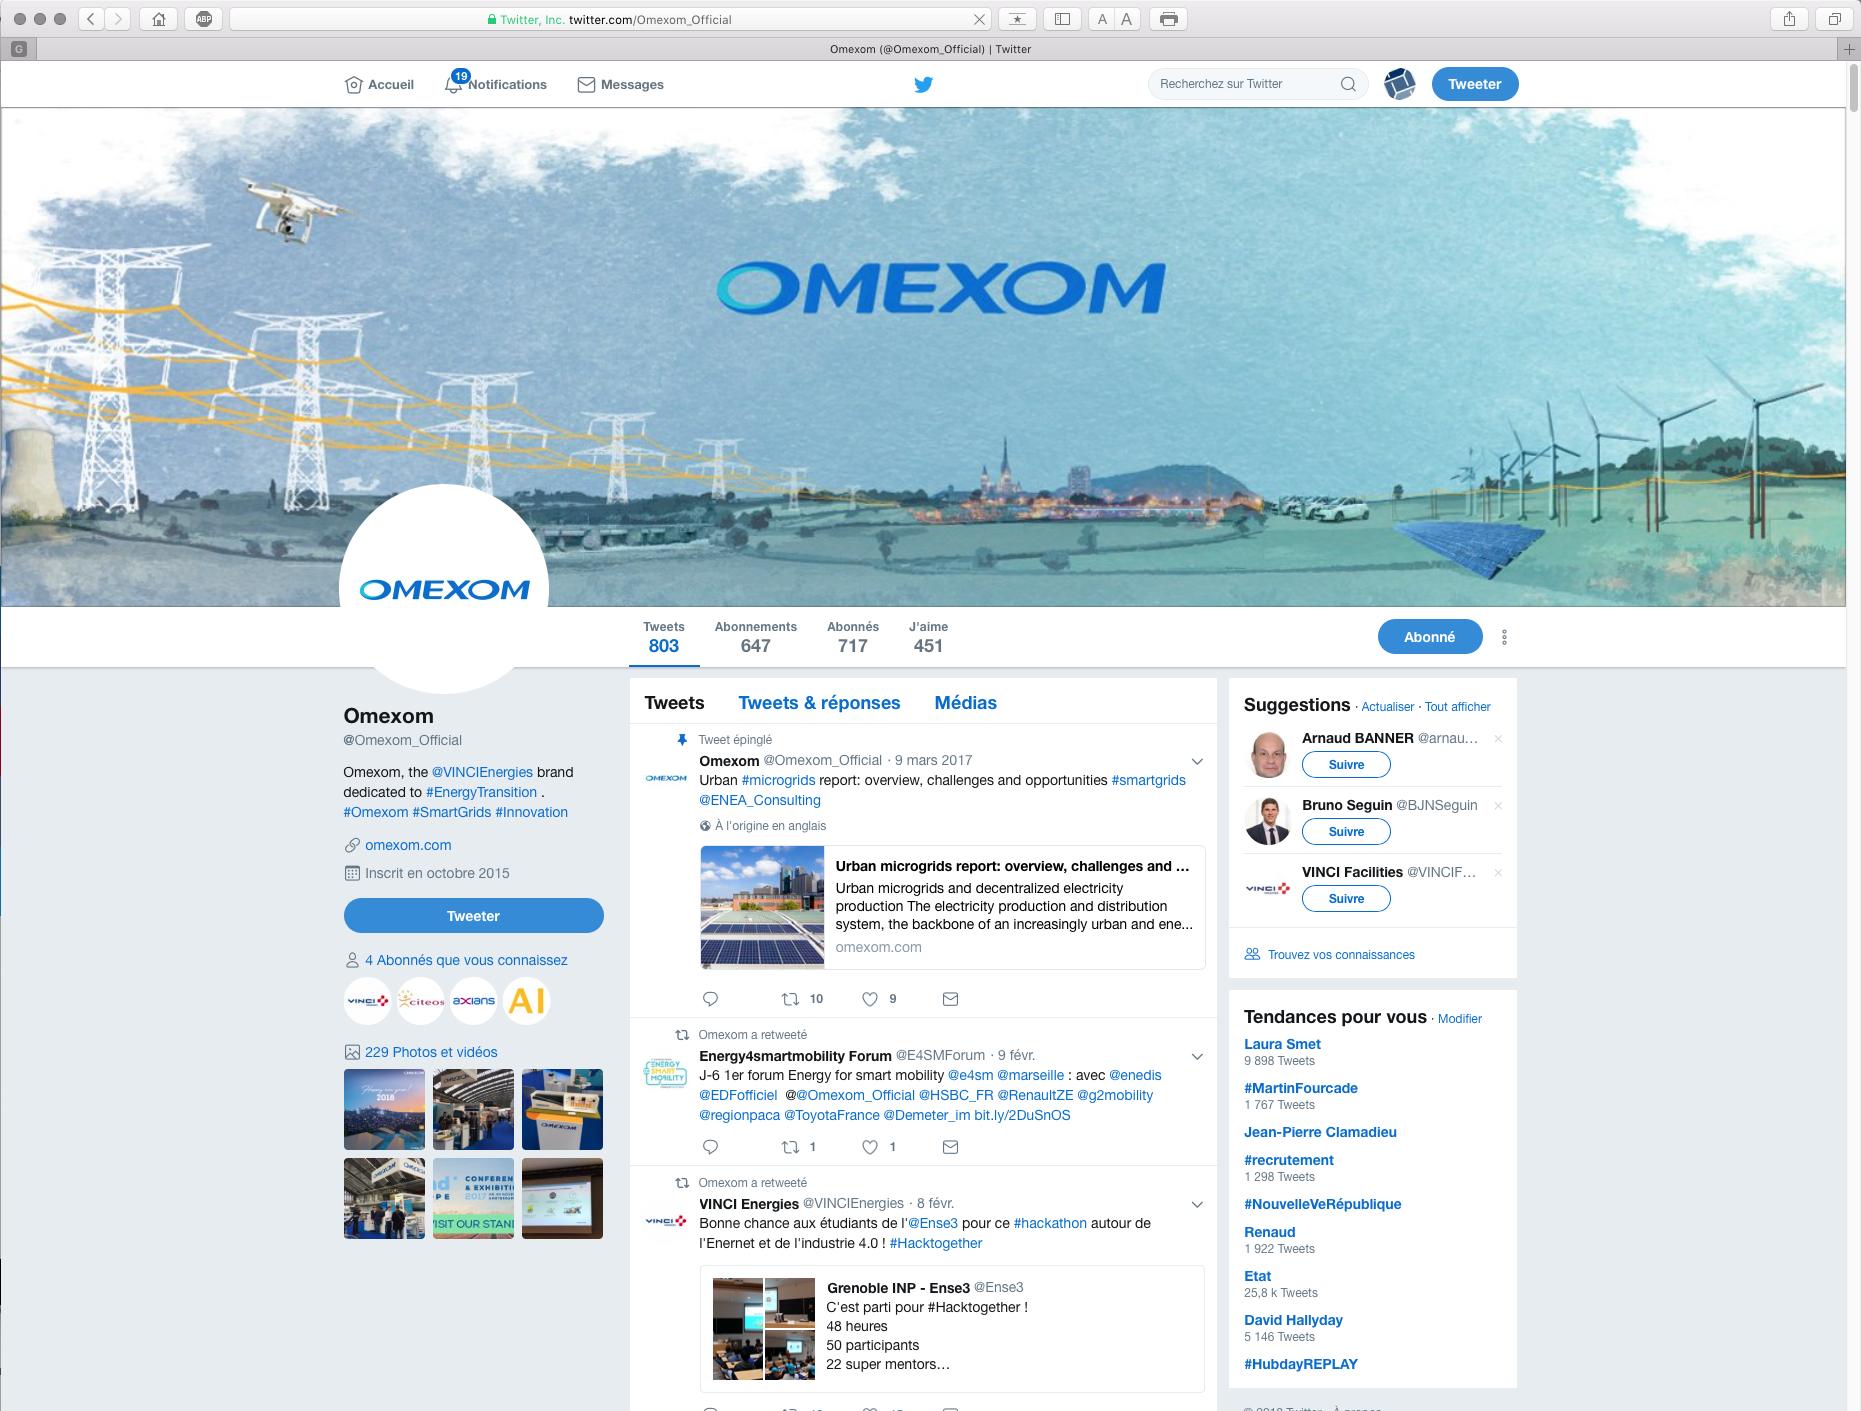 omexomTwitter20180212